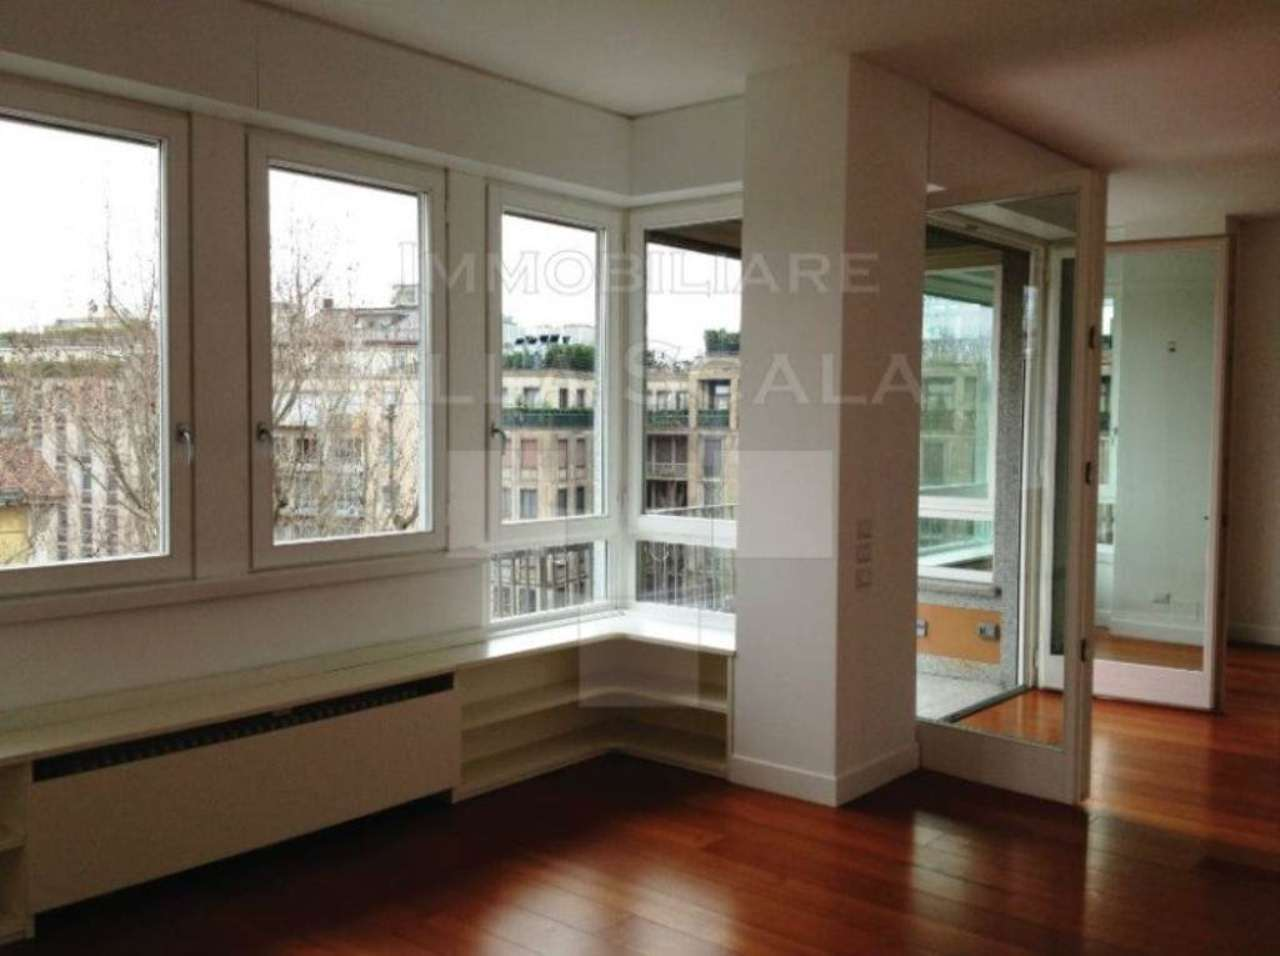 Appartamenti di lusso in vendita a milano trovocasa pregio for In vendita a milano